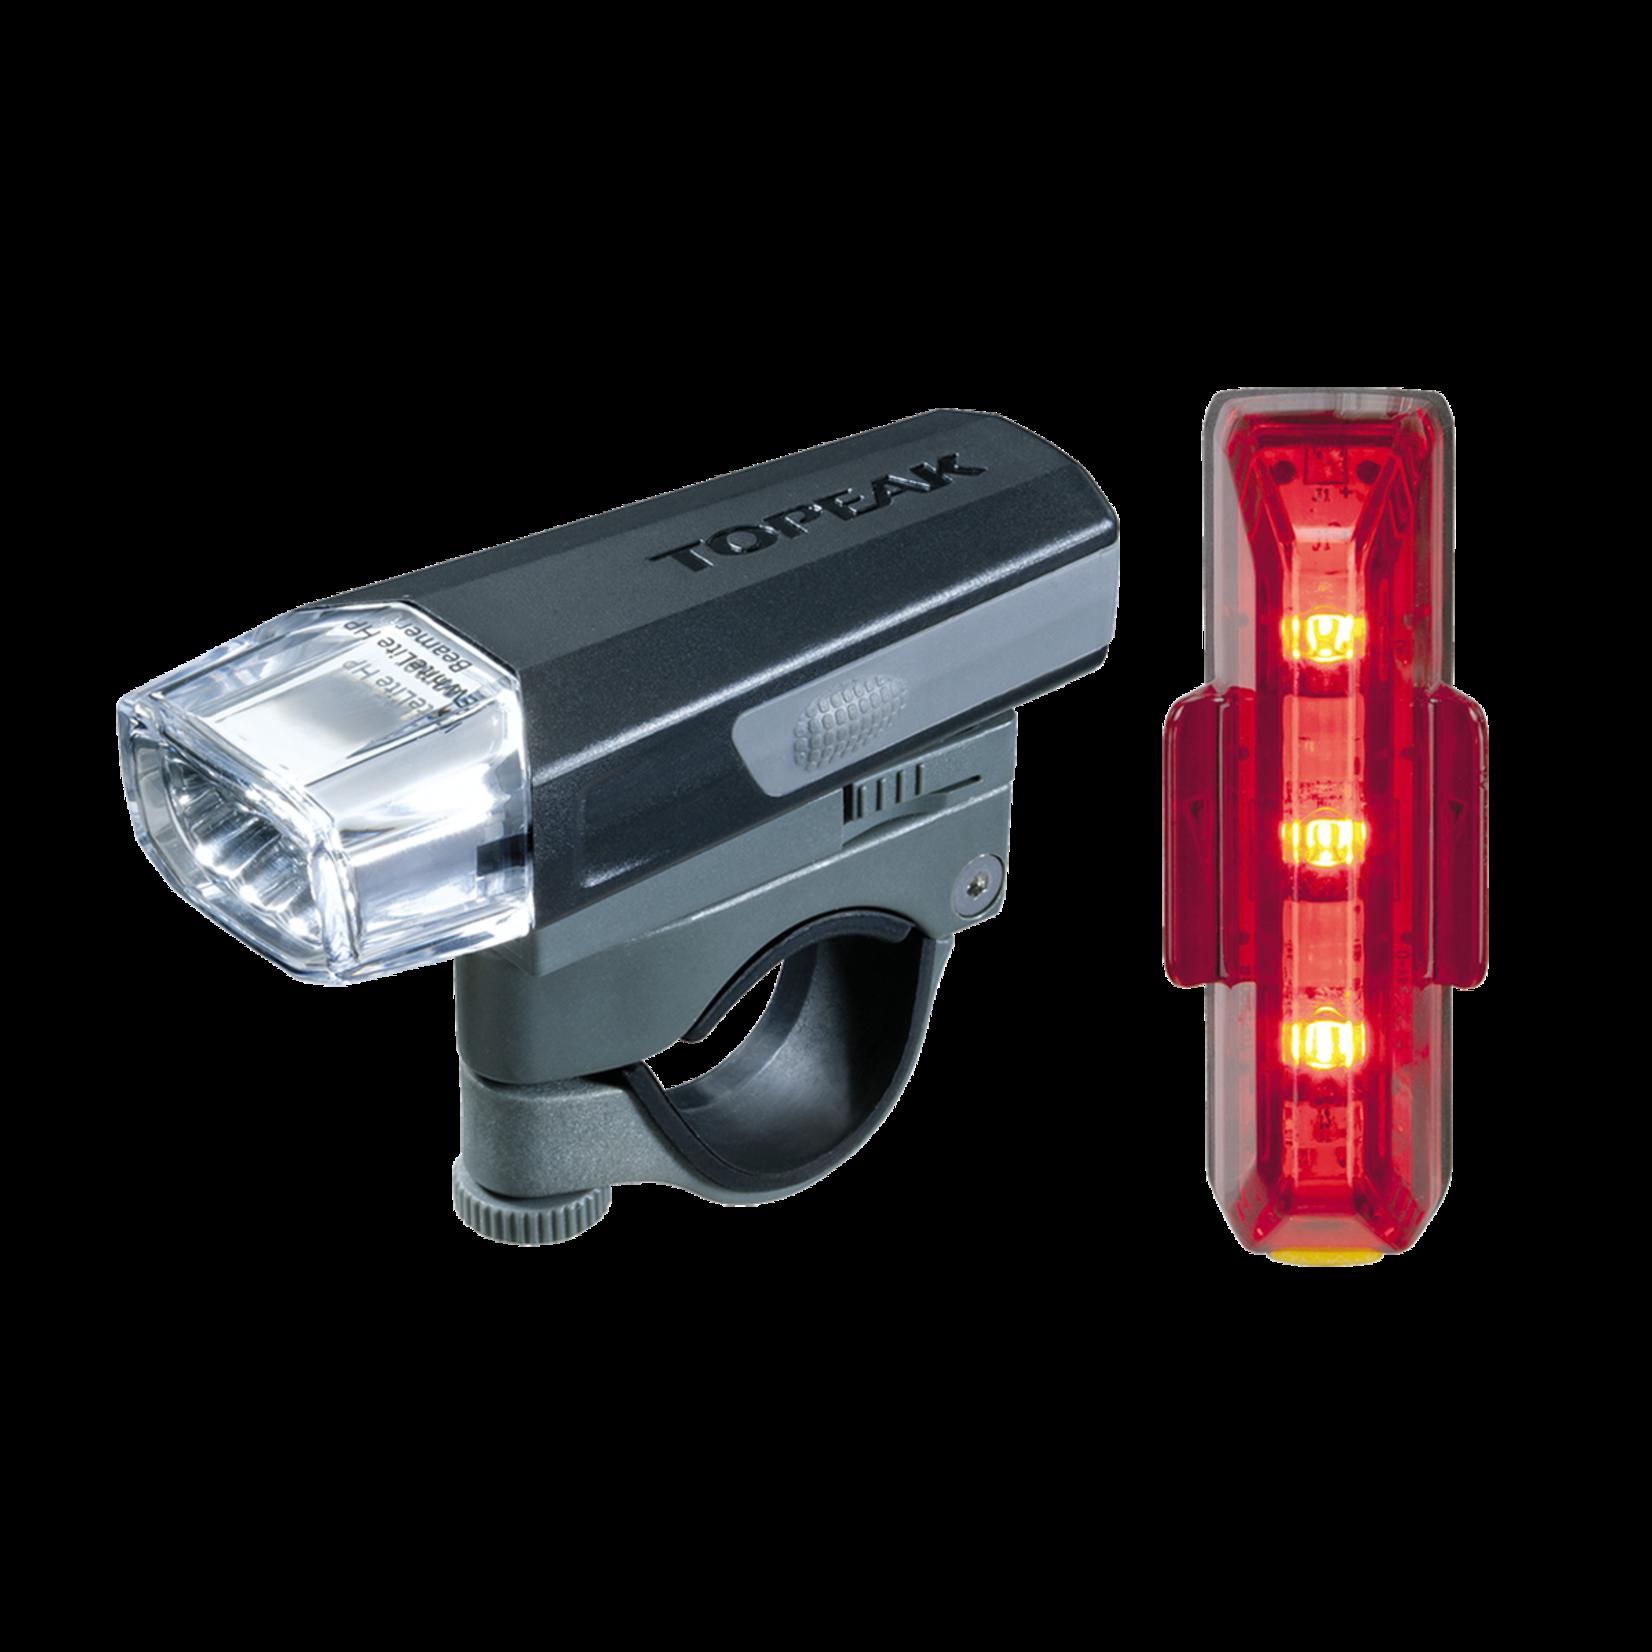 Topeak Topeak HighLite Combo Aero Front/back light